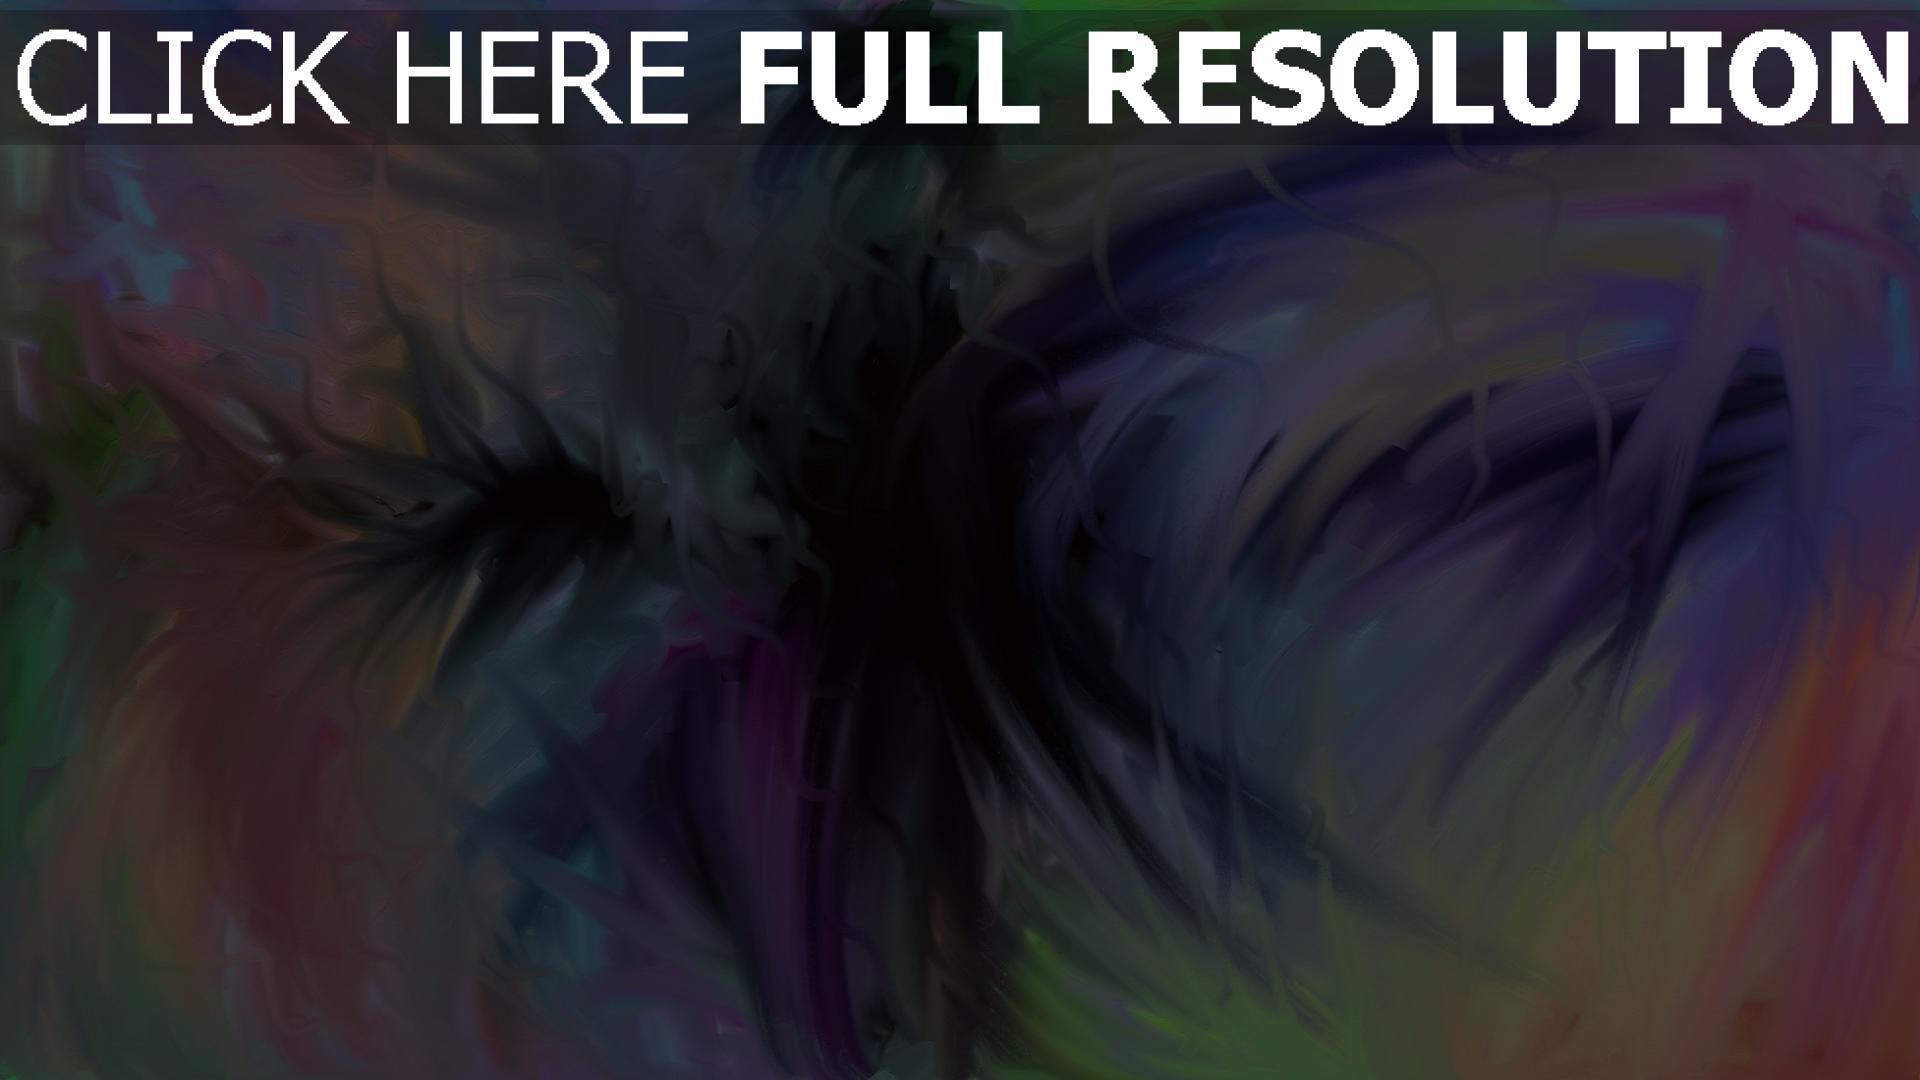 fond d'écran 1920x1080 entonnoir multicolore peinture